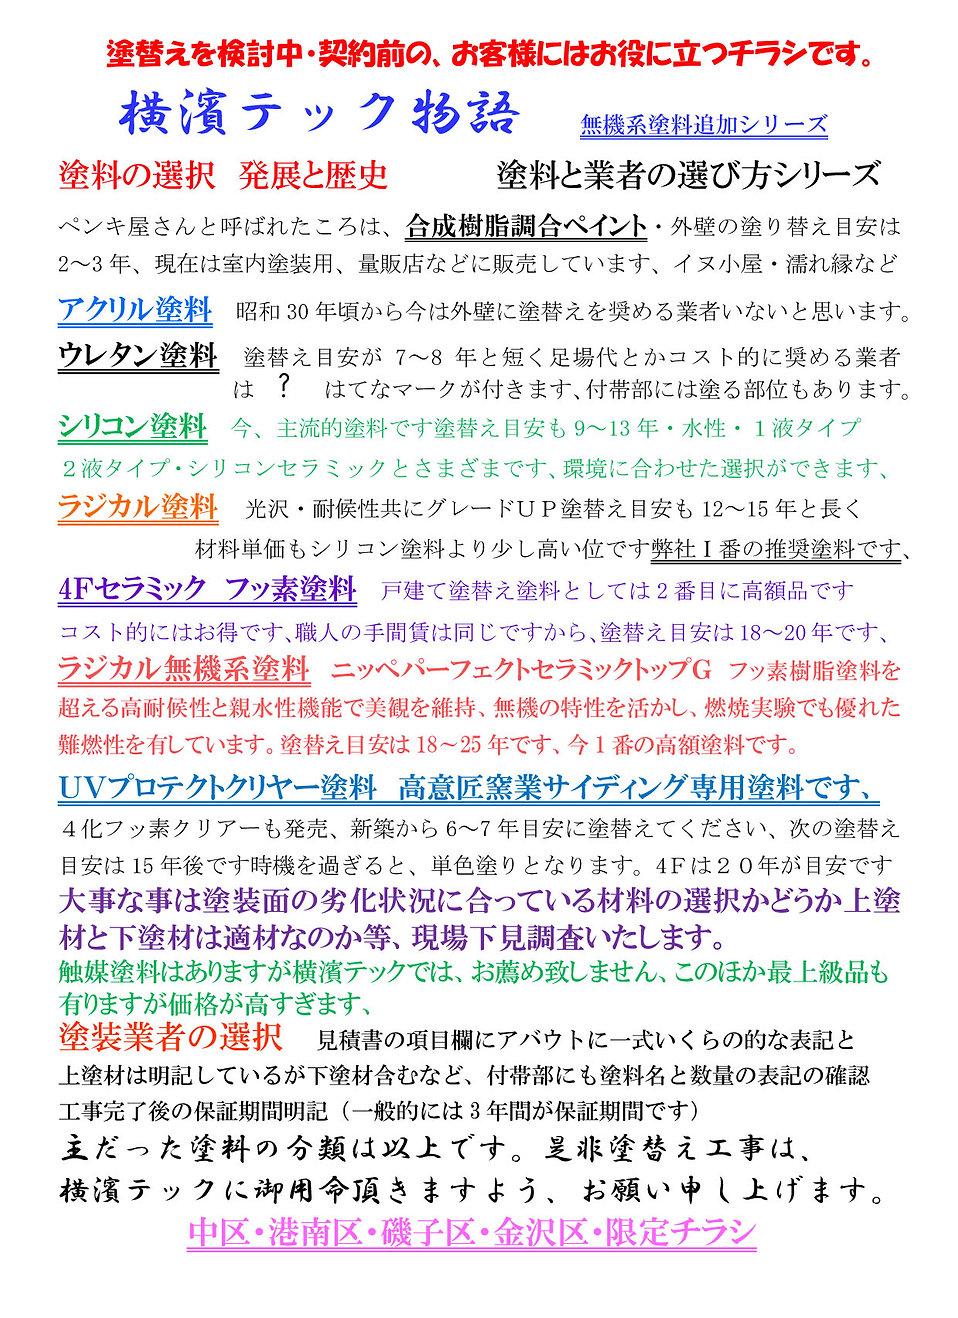 4_erabikata_radical2.jpg